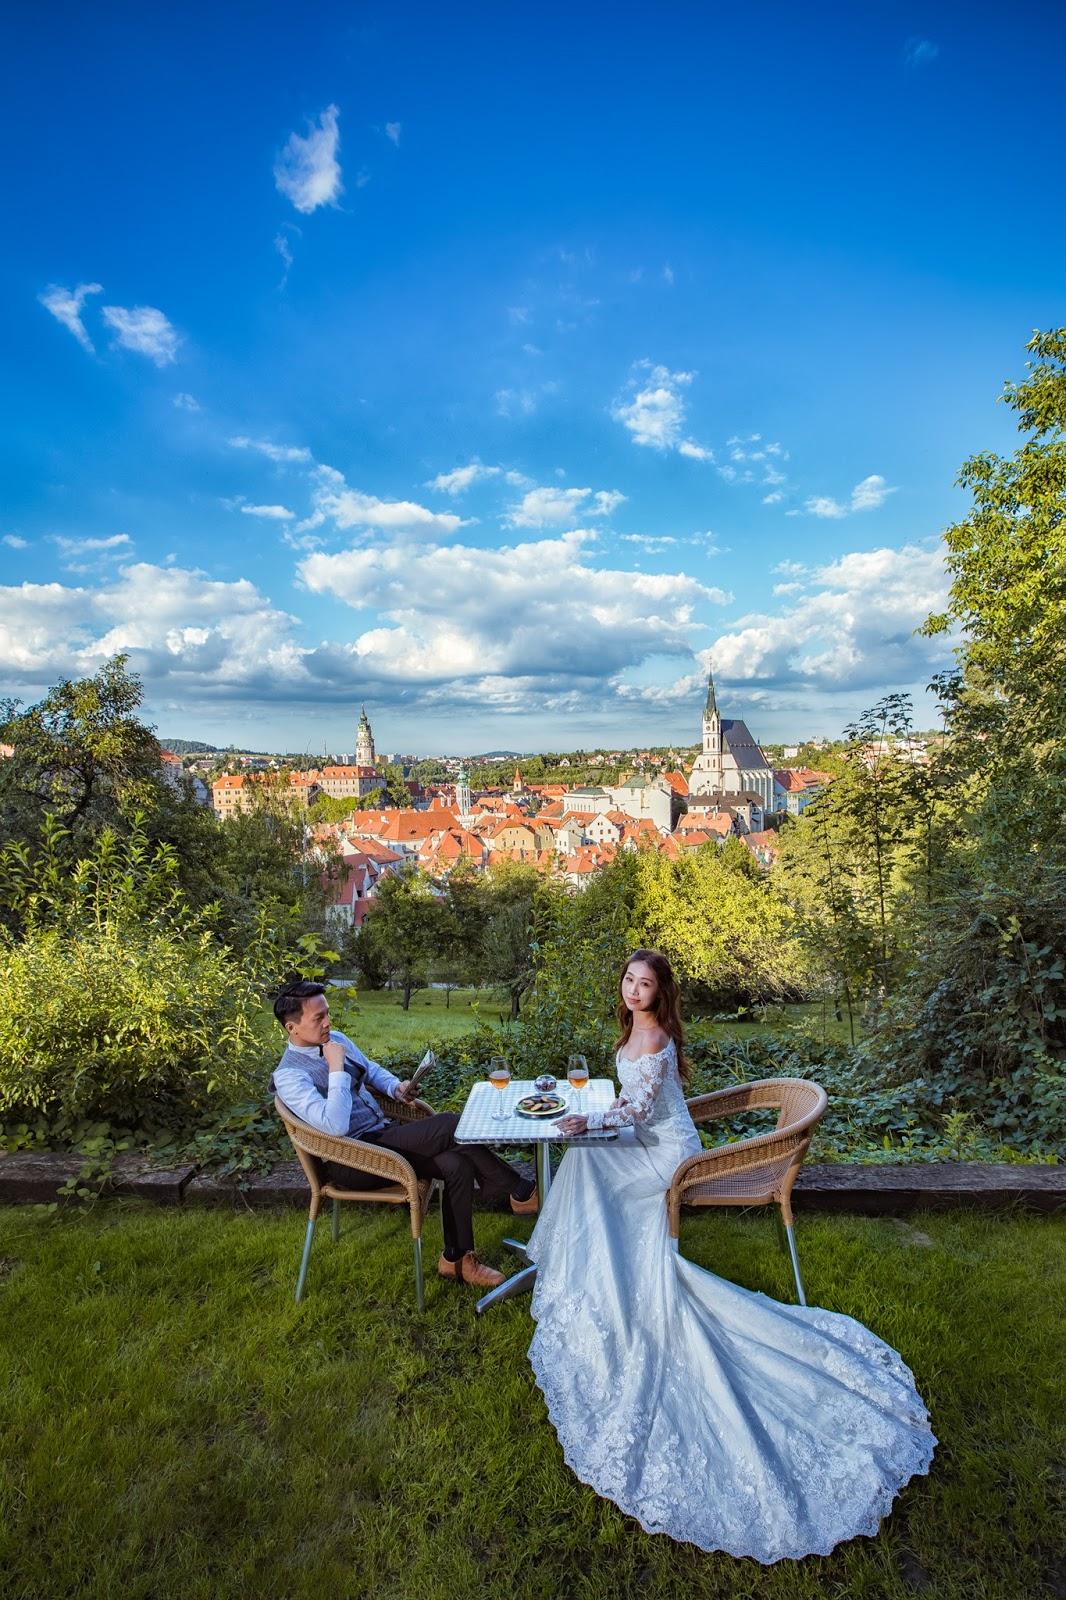 CK小鎮 庫倫洛夫  海外自助婚紗推薦 婚攝小布哥 哈爾斯塔特 法國巴黎 維也納